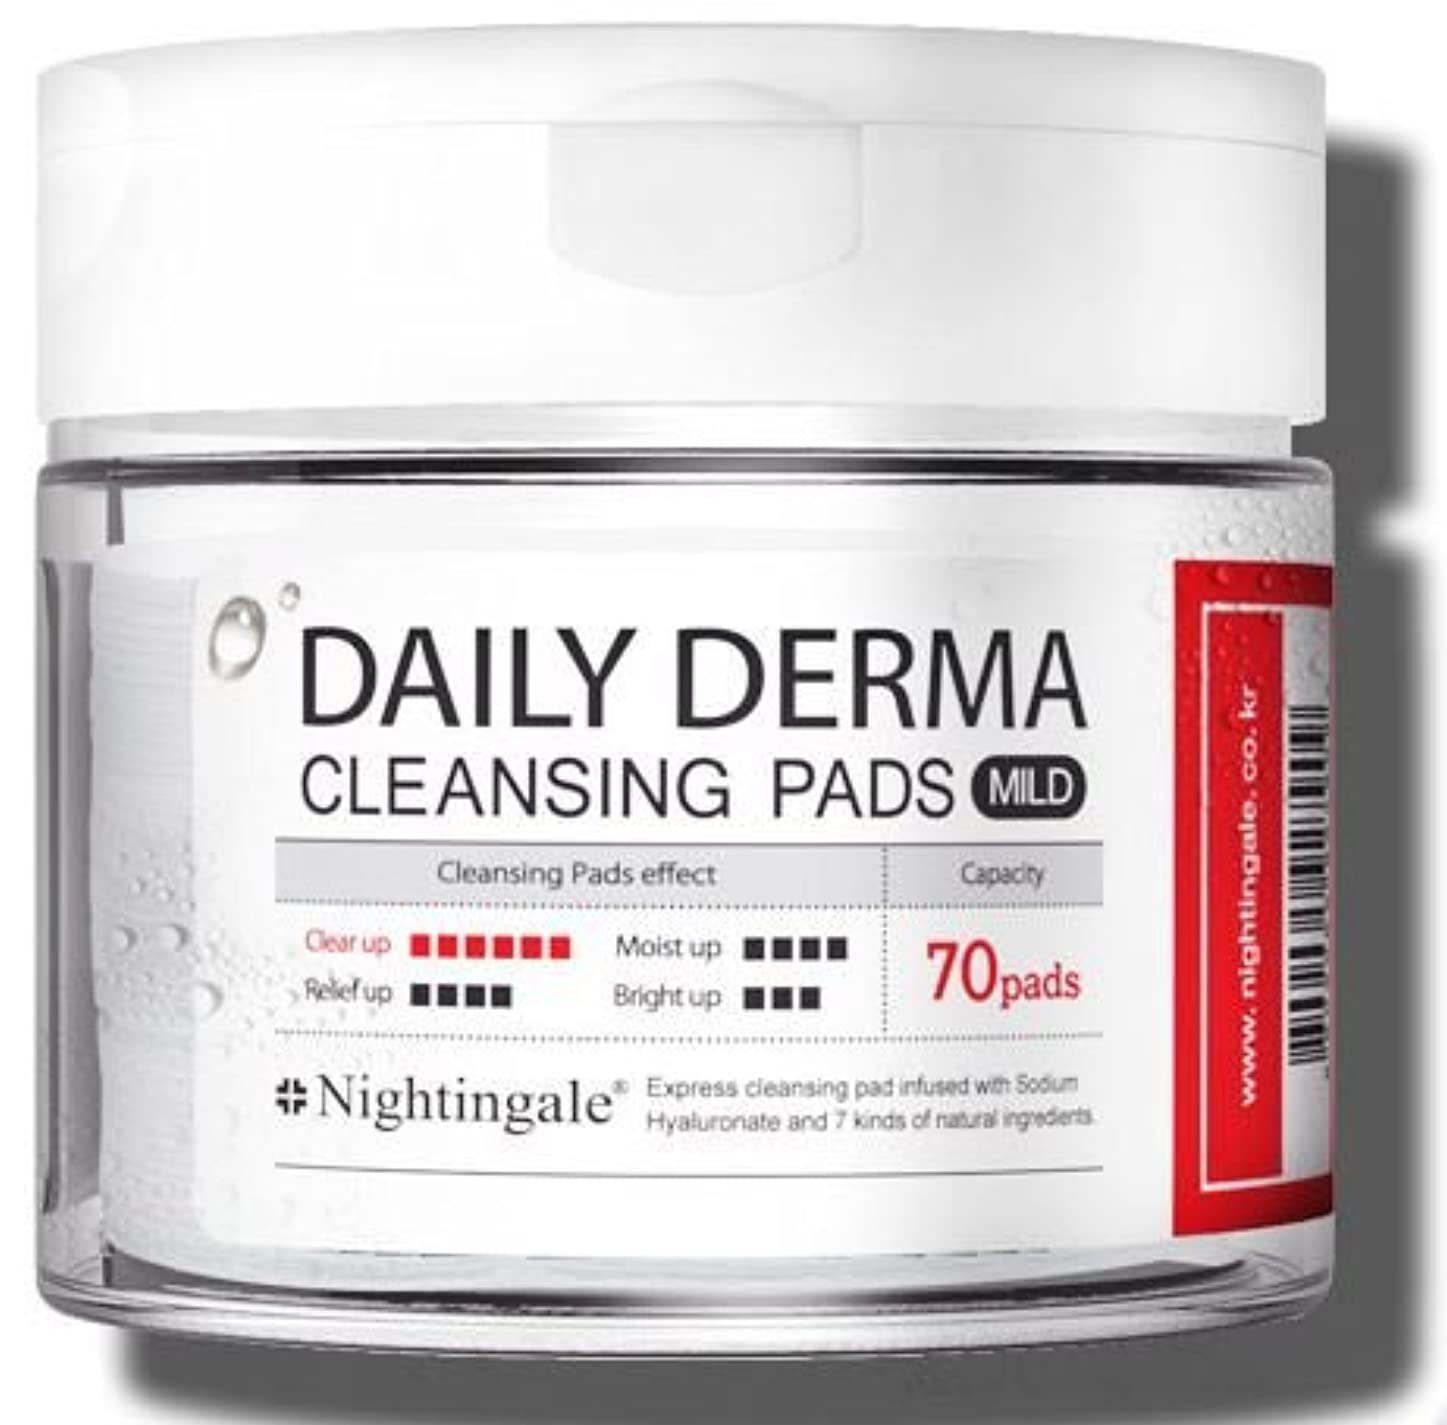 一次マインド振動するNightingale Daily Derma Cleansing Pads * Mild * 70pads/ナイチンゲール デイリー ダーマ クレンジング パッド * マイルド * 70枚入り [並行輸入品]